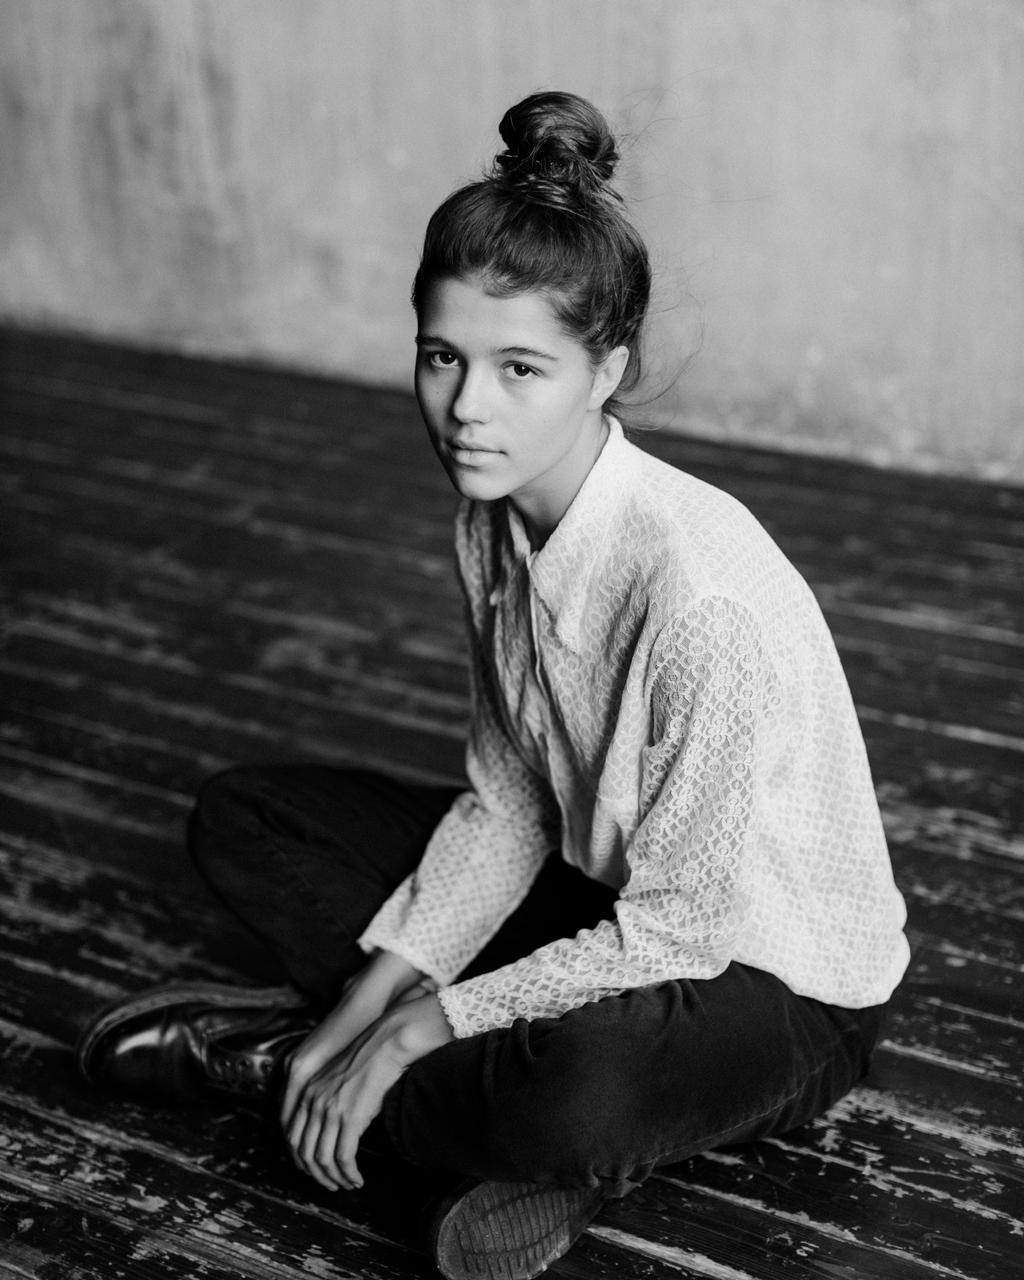 Мария Мацель: биография, личная жизнь, фото, «Музыкальная интуиция»